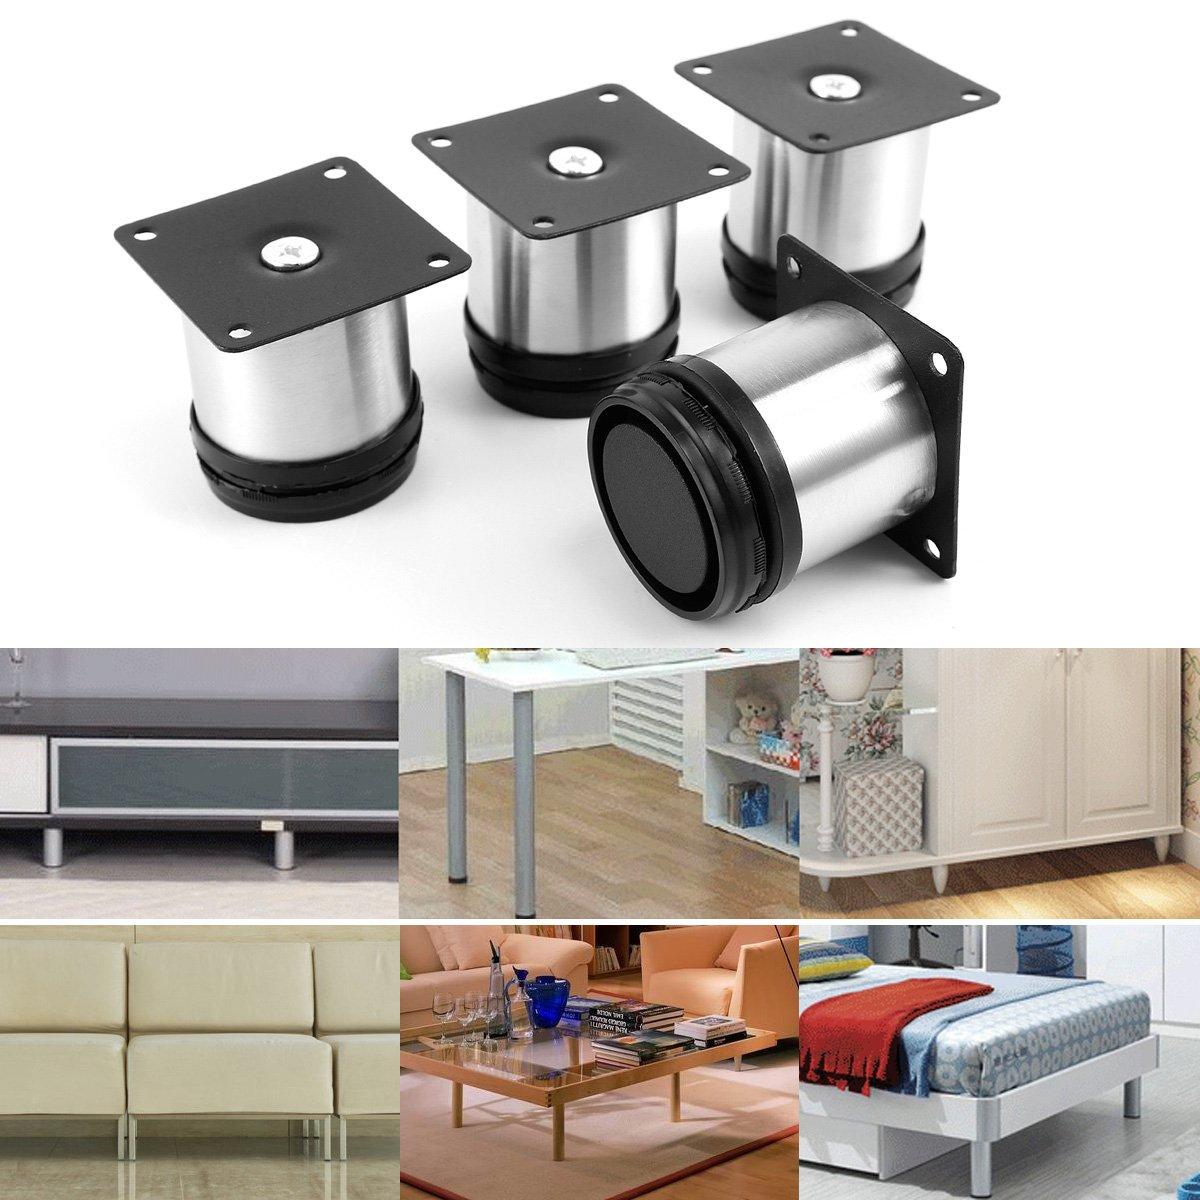 elegant x pied de meuble rglable acier inoxydable rond diamtre cm hauteur mm amazonfr bricolage. Black Bedroom Furniture Sets. Home Design Ideas